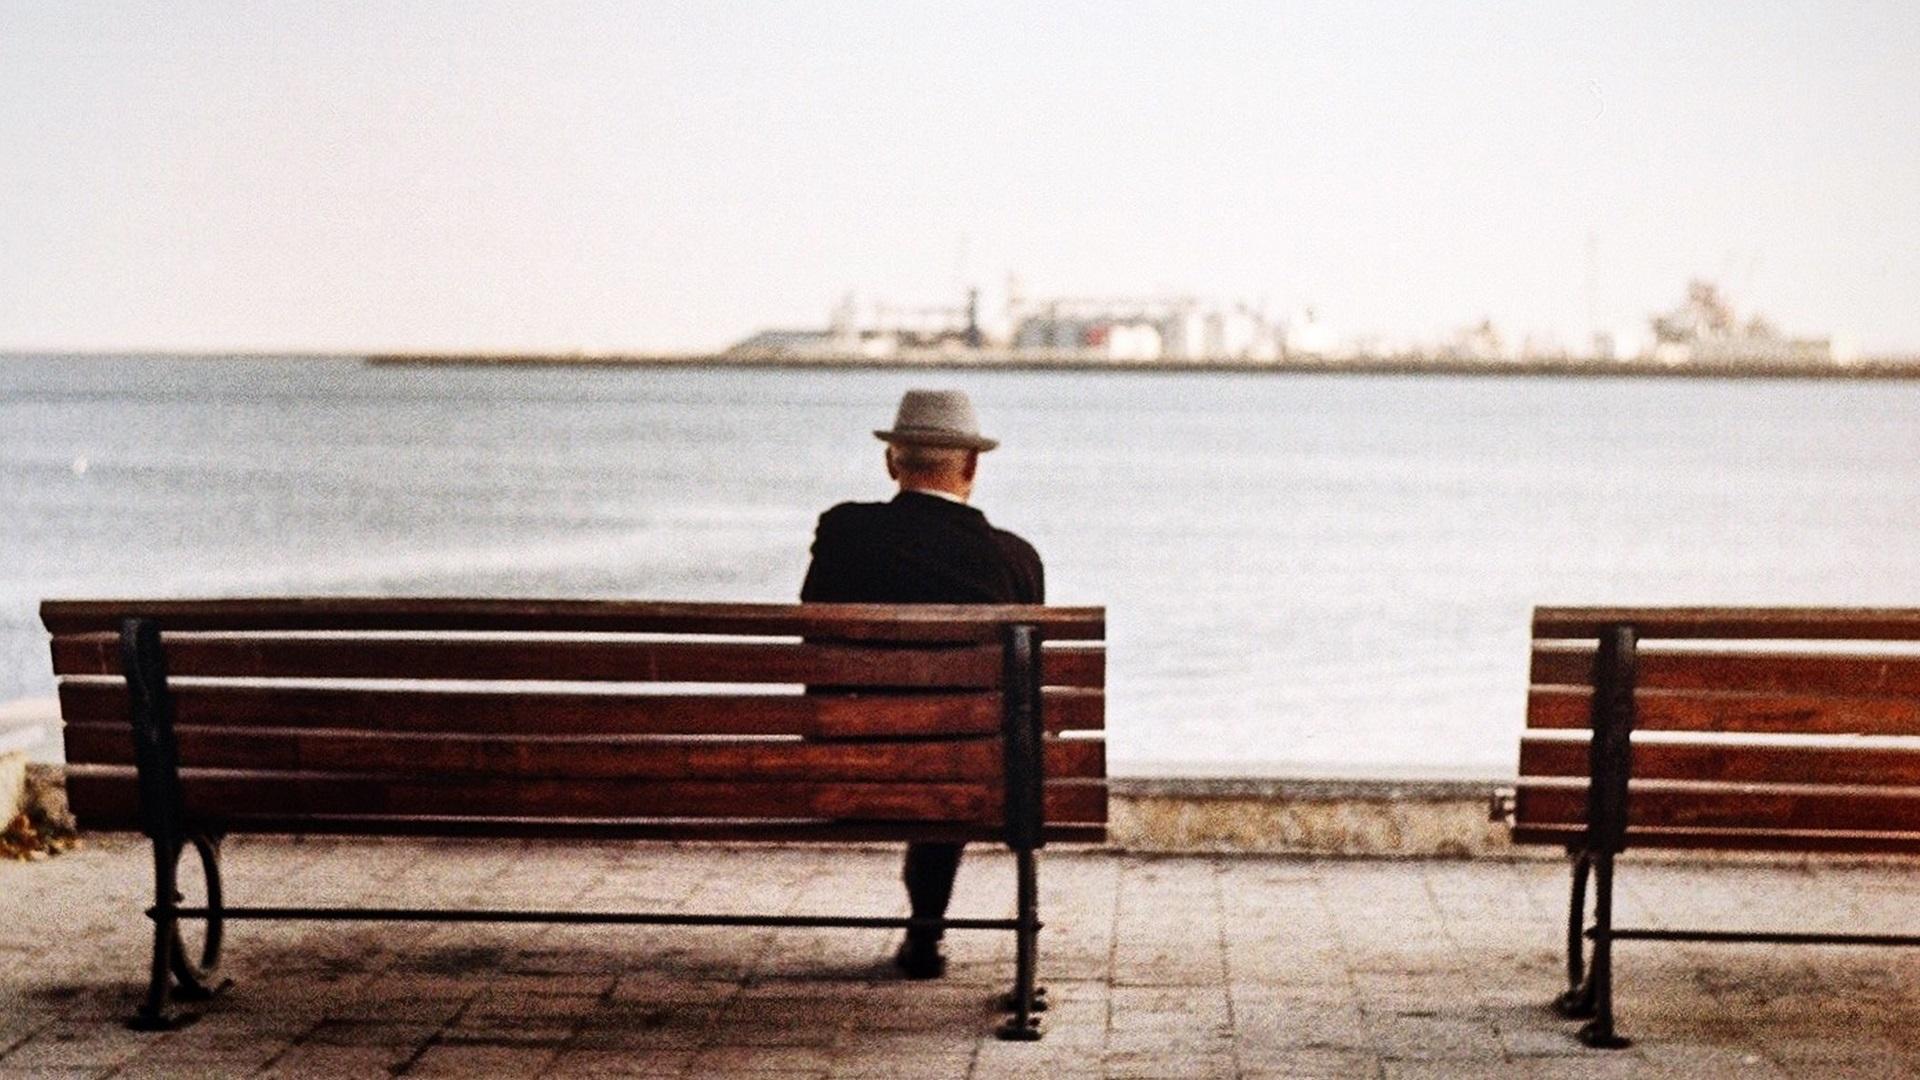 Científicos de Pfizer hallaron en 2015 que un medicamento contra la artritis prevendría el Alzheimer. Foto de Diana Spatariu / Unsplash